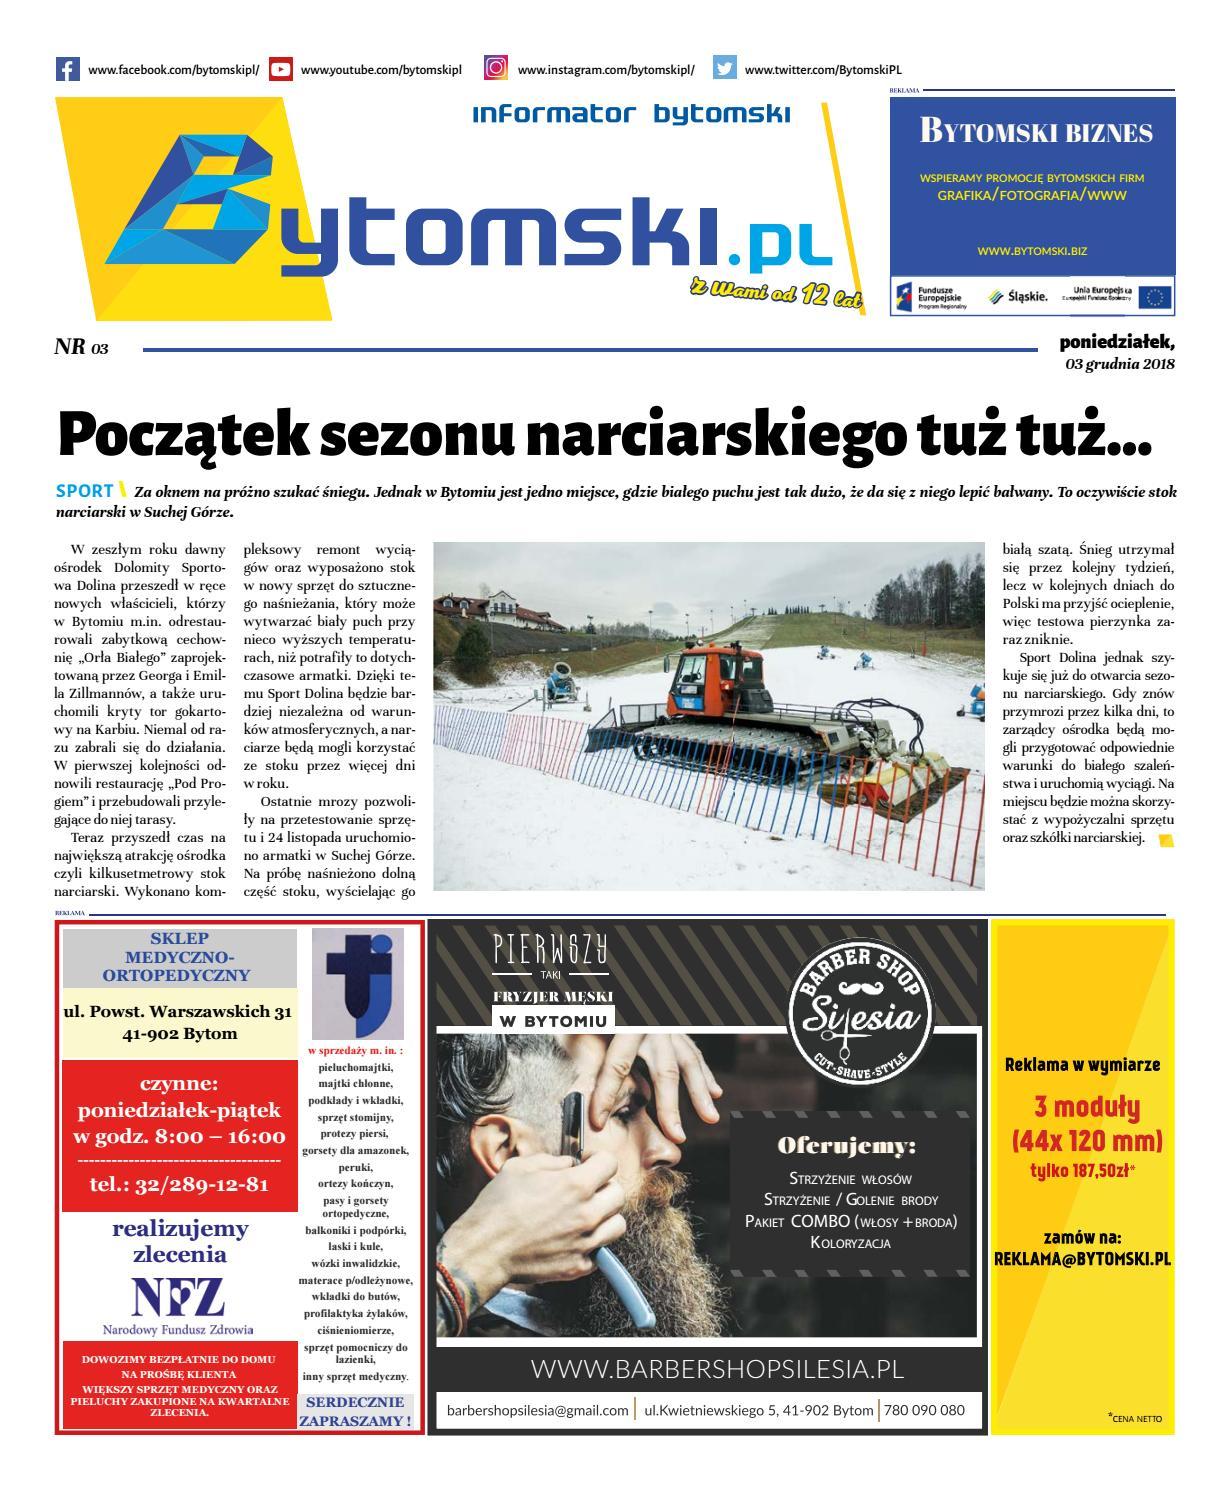 Informator Bytomski Nr 032018 By Bytomski Biznes Issuu